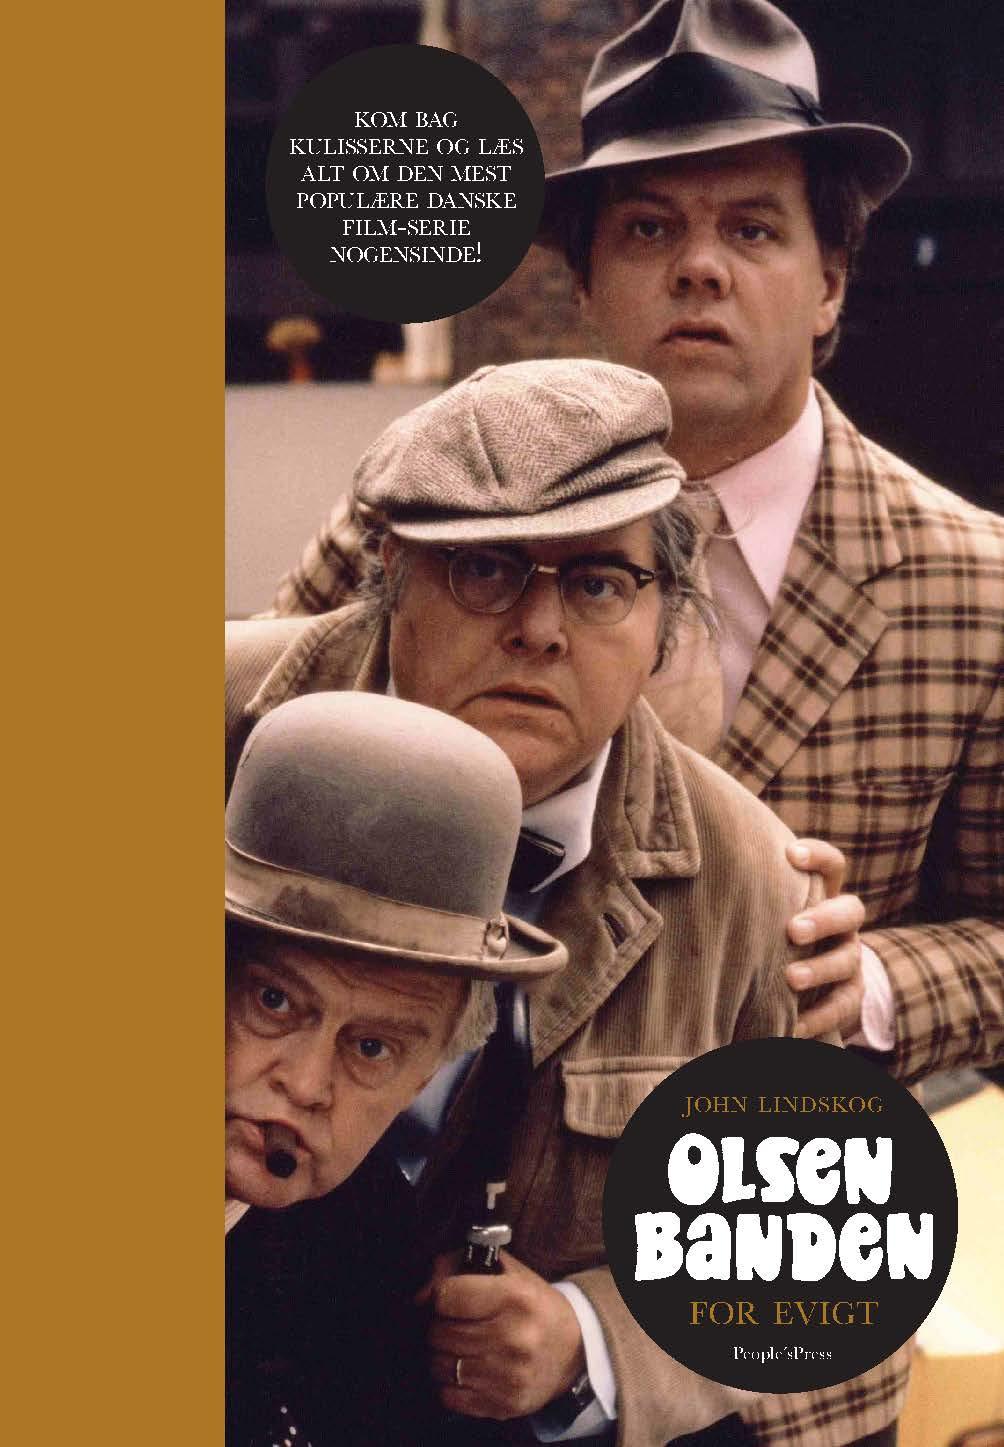 Olsen Banden - John Lindskog - Bøger - People'sPress - 9788771375541 - 3/11-2017